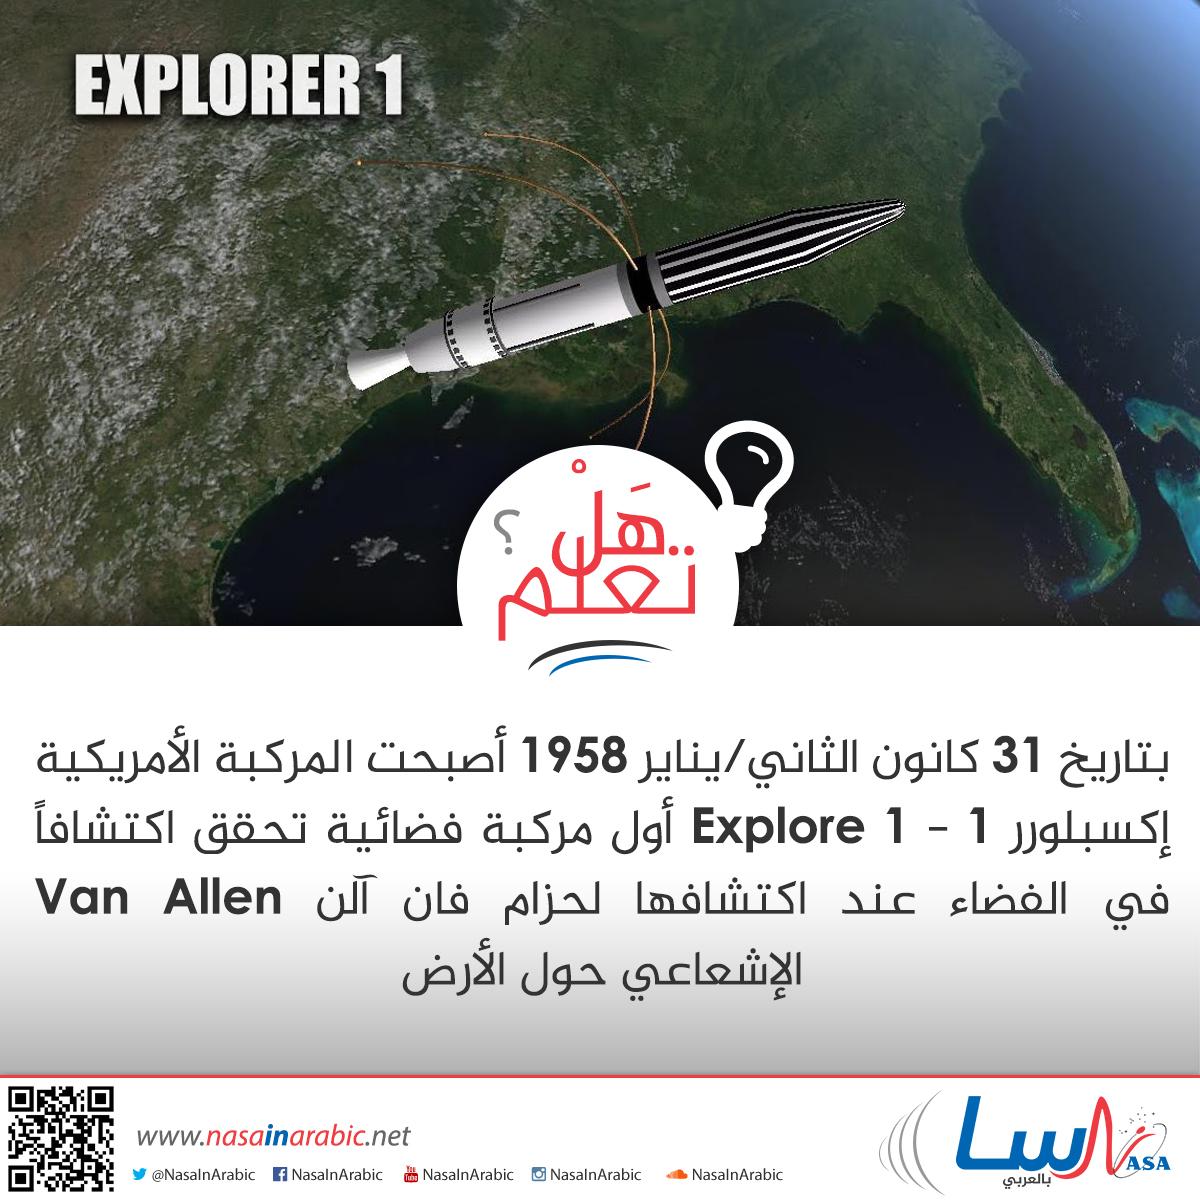 أول اكتشاف علمي في الفضاء